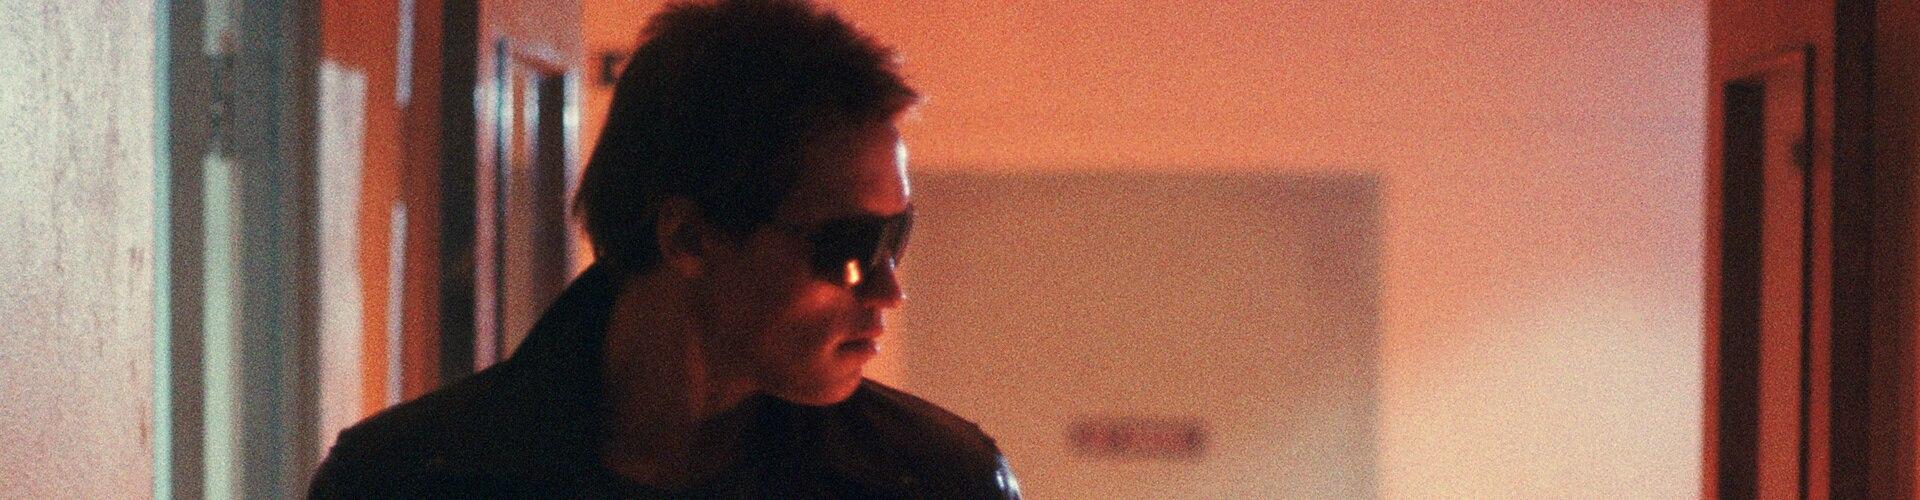 Watch The Terminator Online